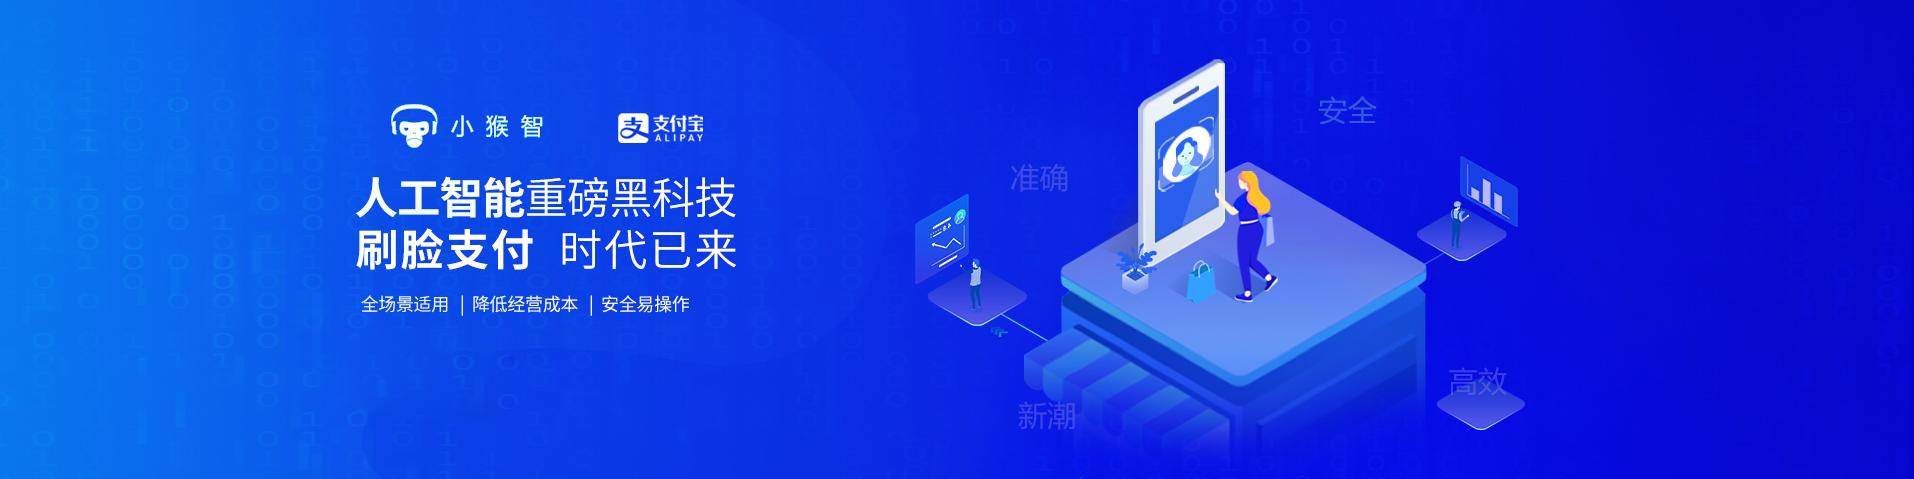 http://www.sxiyu.com/tiyuhuodong/38026.html